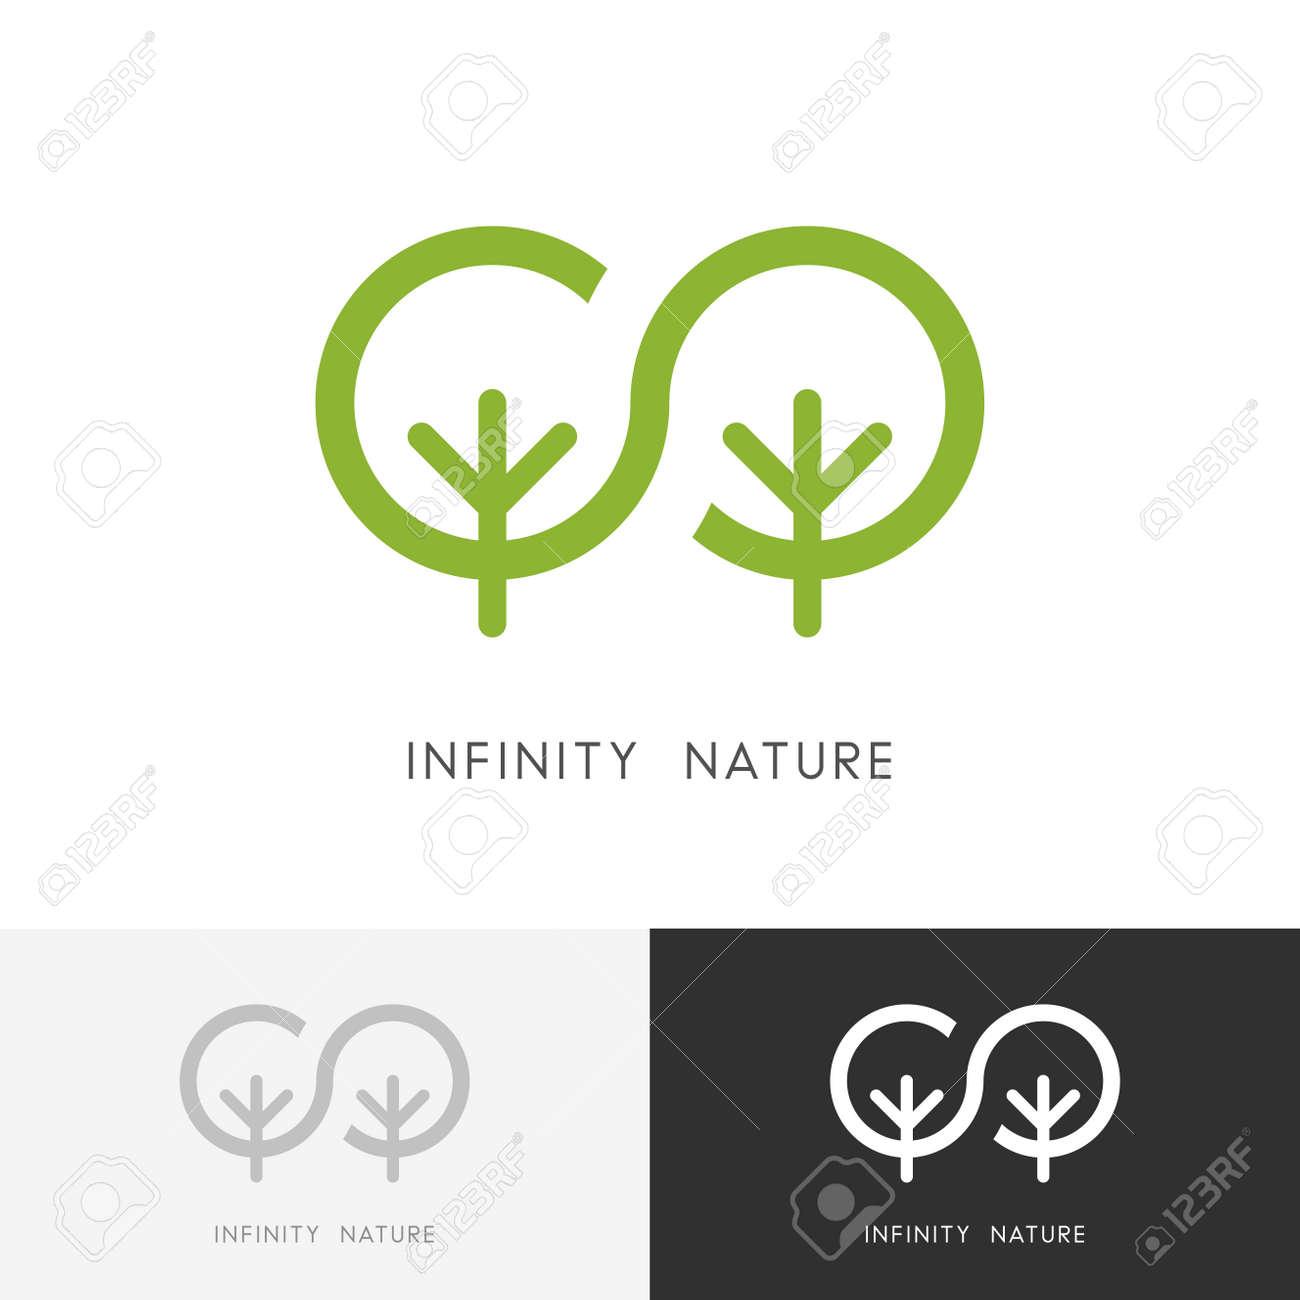 Nature à Linfini Deux Arbres Verts Et Symbole De Léternité De La